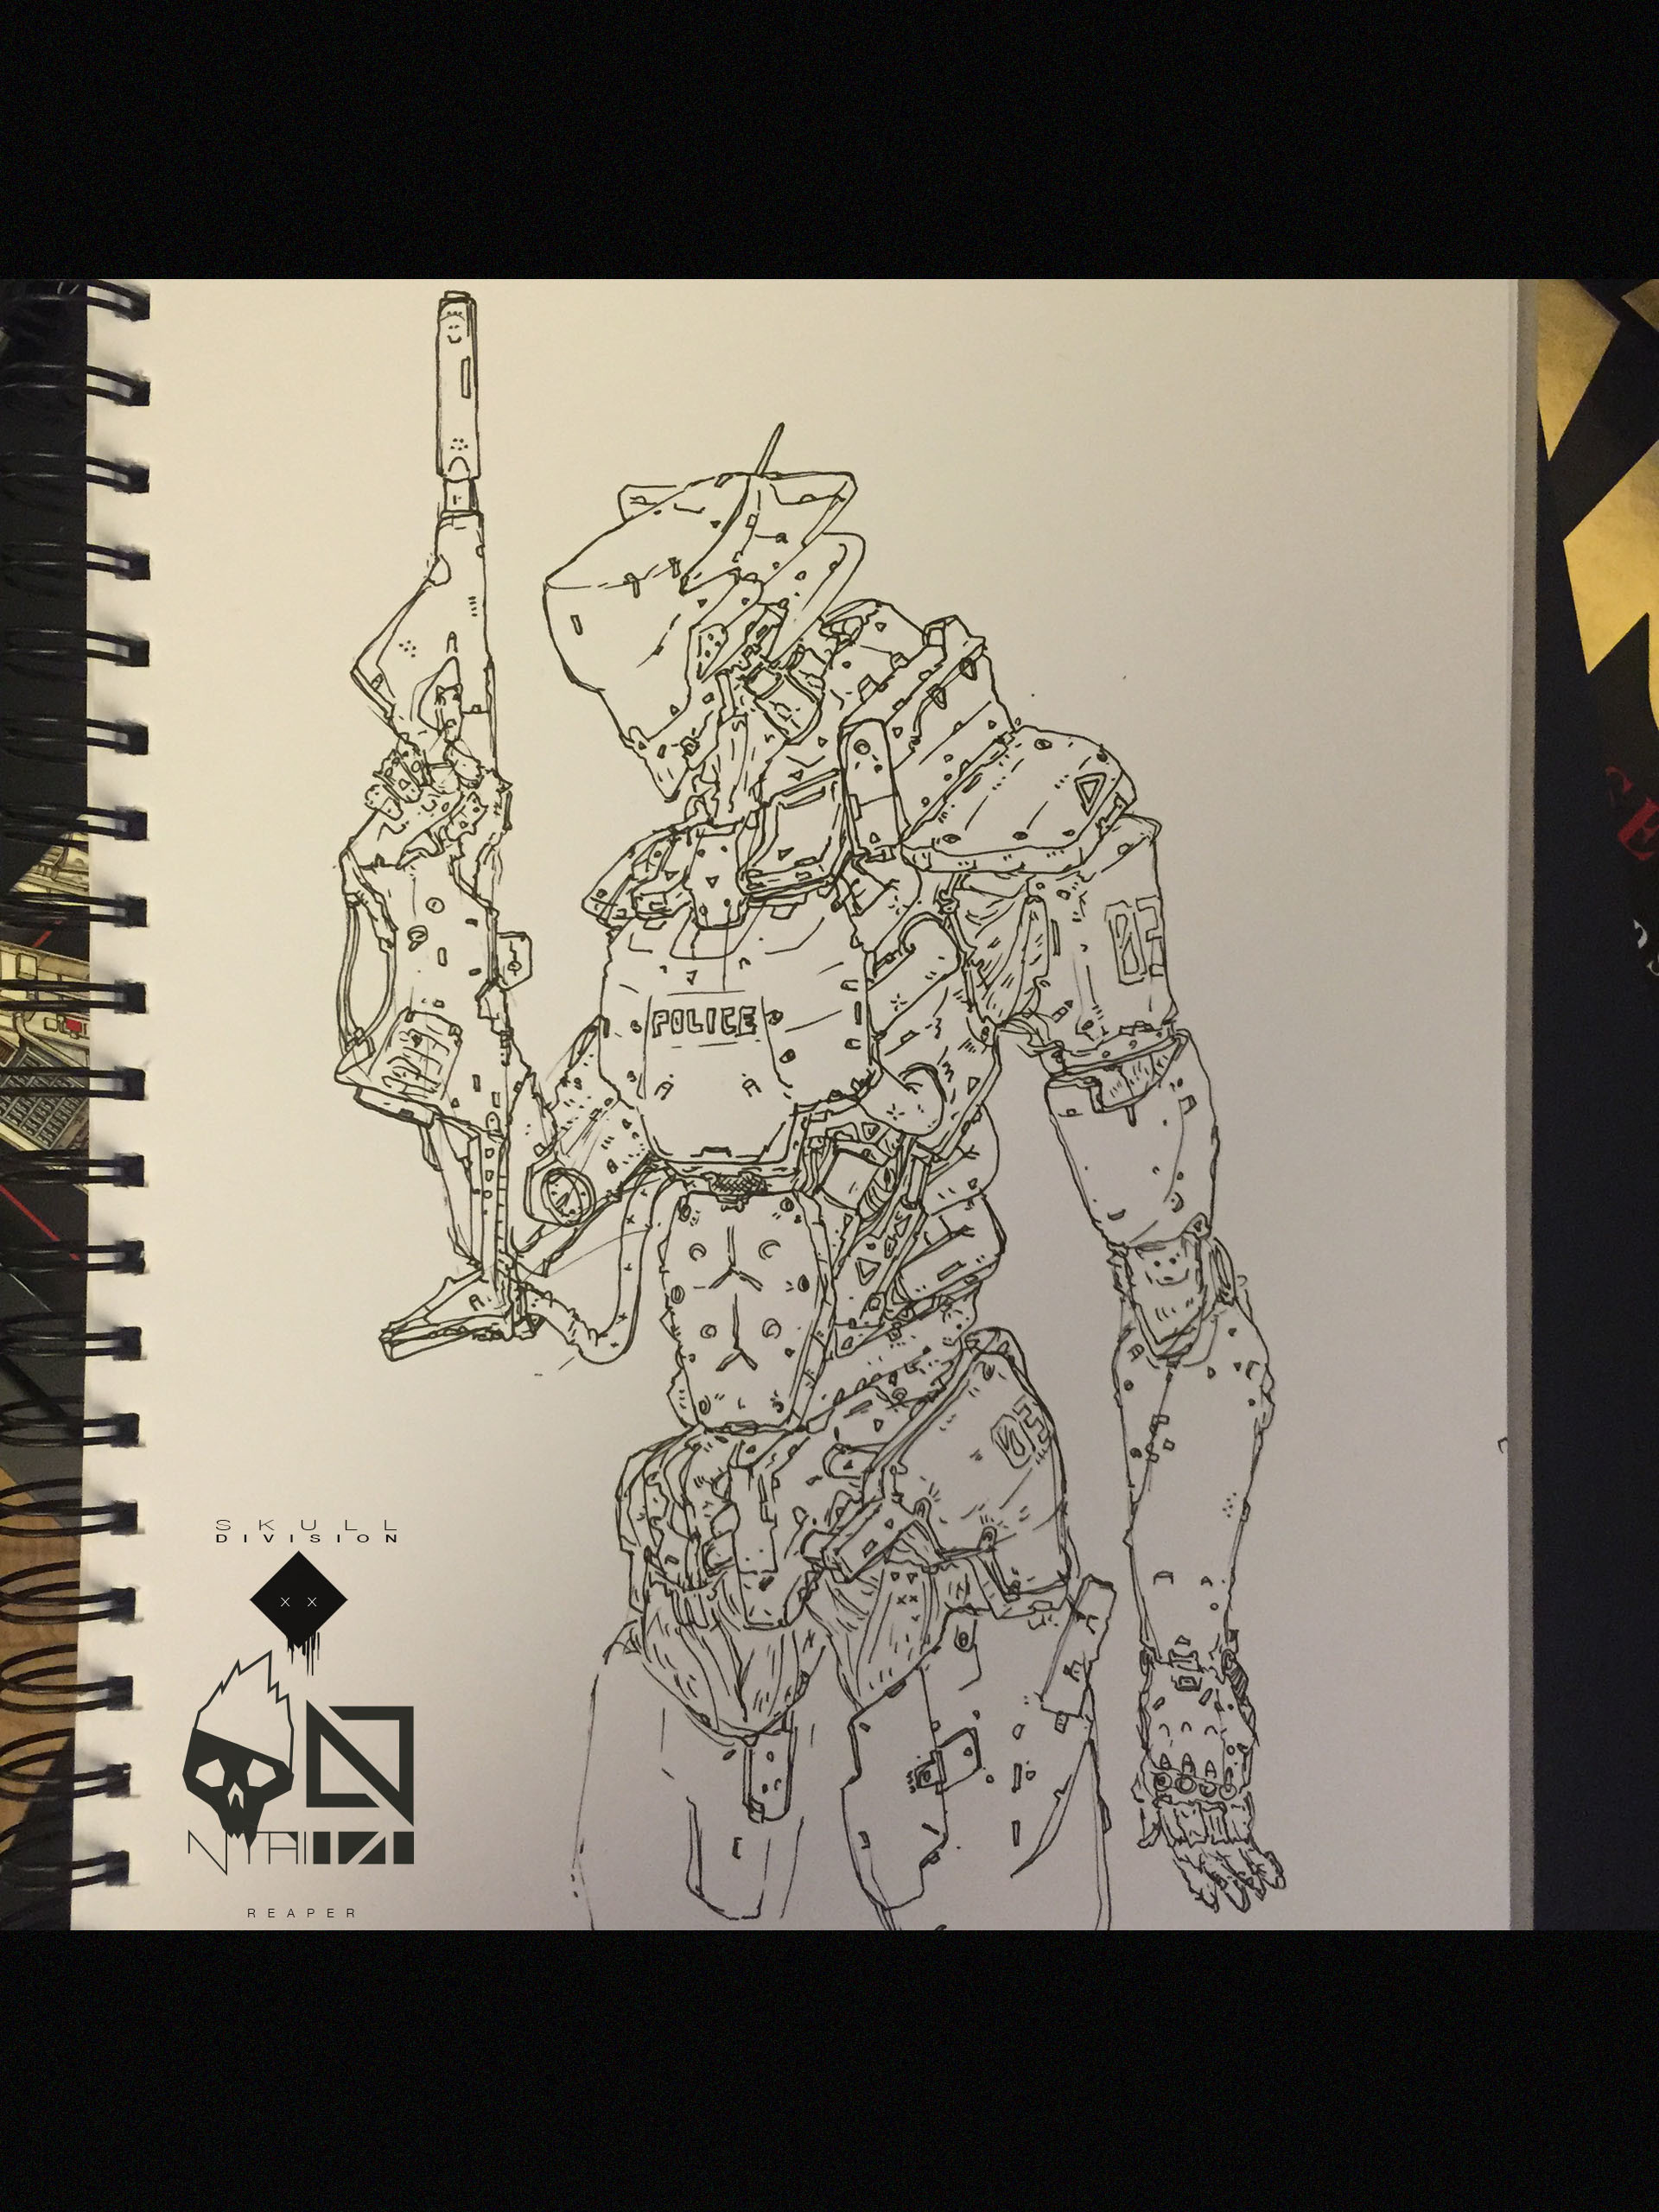 Nelson tai skulldiv reaper sketch 001